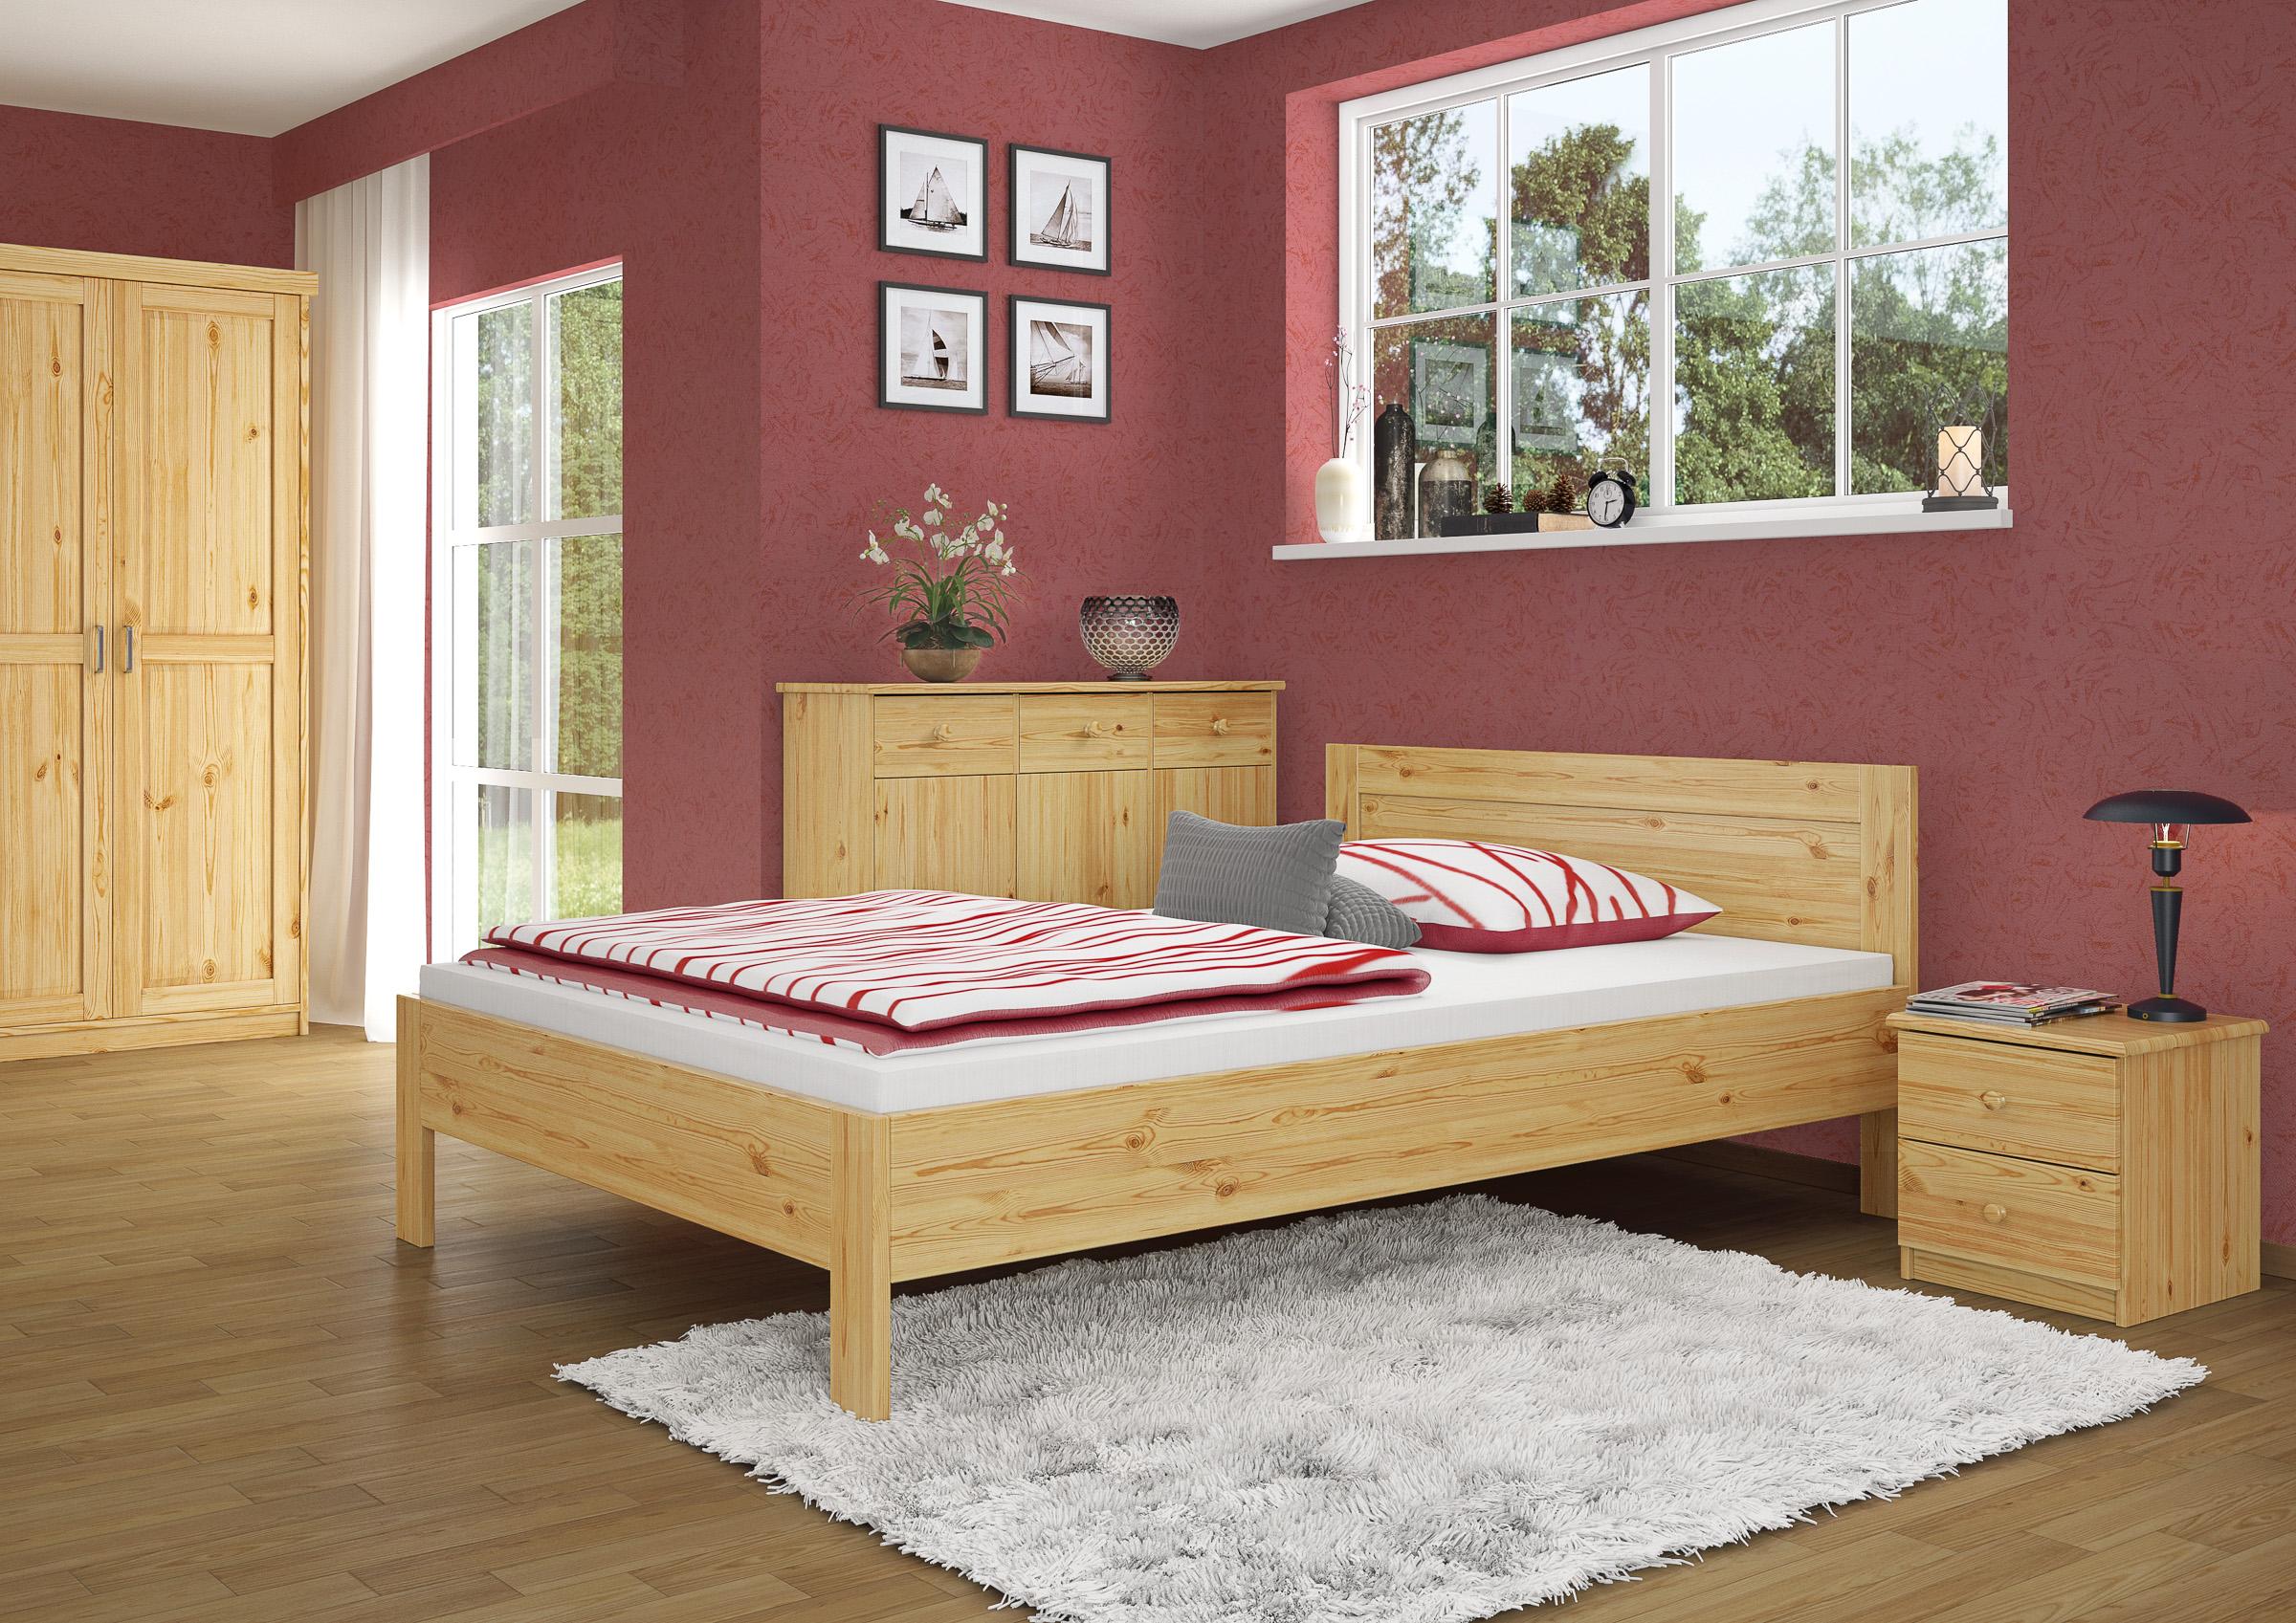 Französisches Bett 140x200 Doppelbett Futonbett Kiefer Massiv